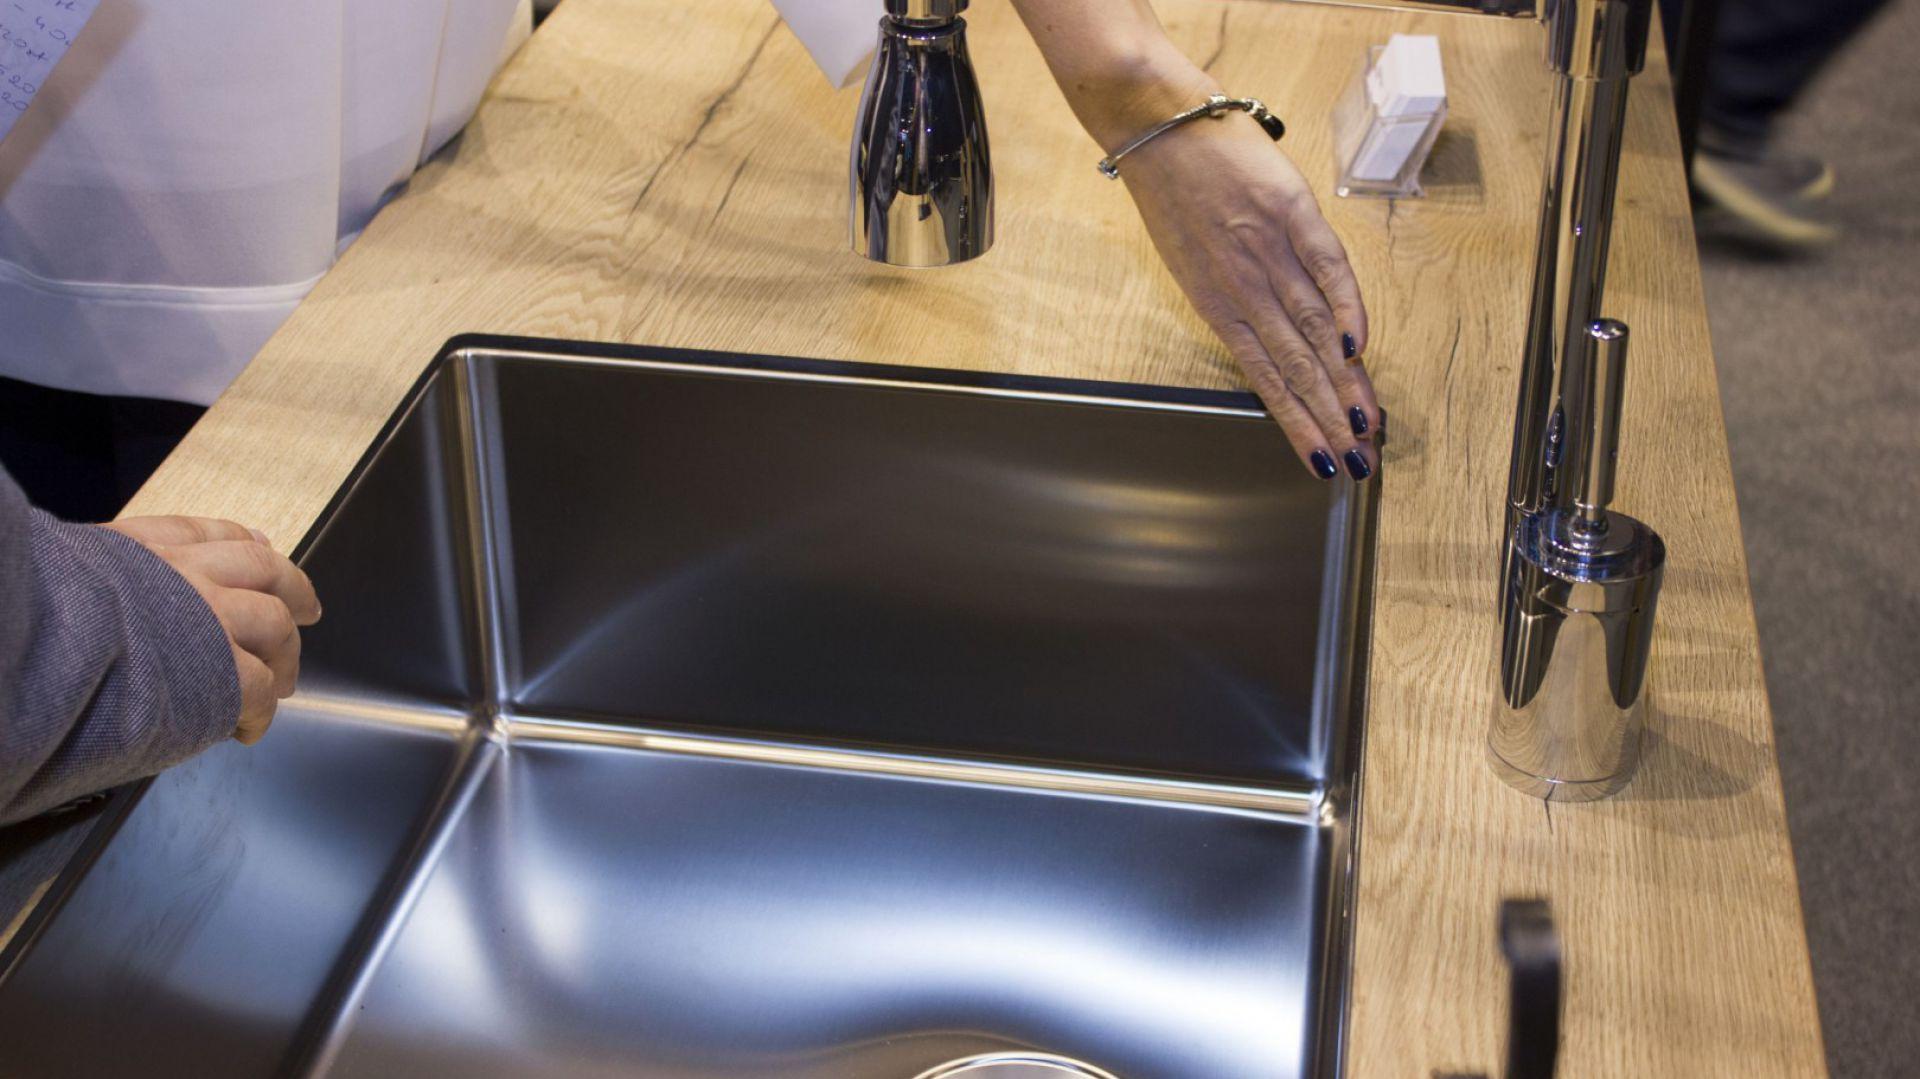 Sink Mf Zlewozmywaki Podwieszane W Blacie Wiórowym